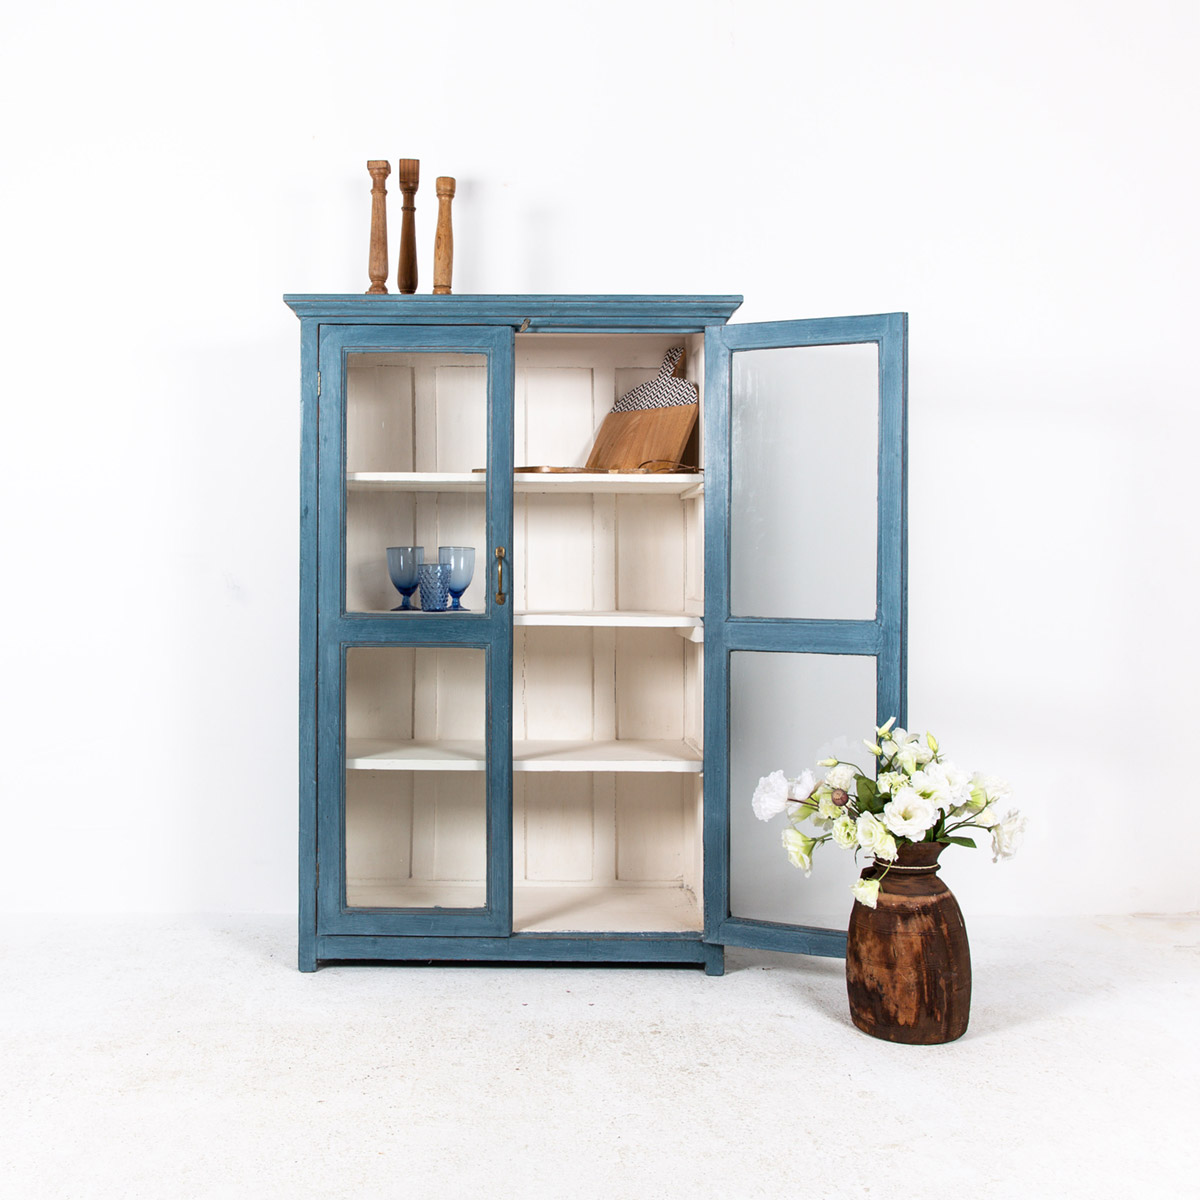 Vitrinekast-2-deuren-blauw-2